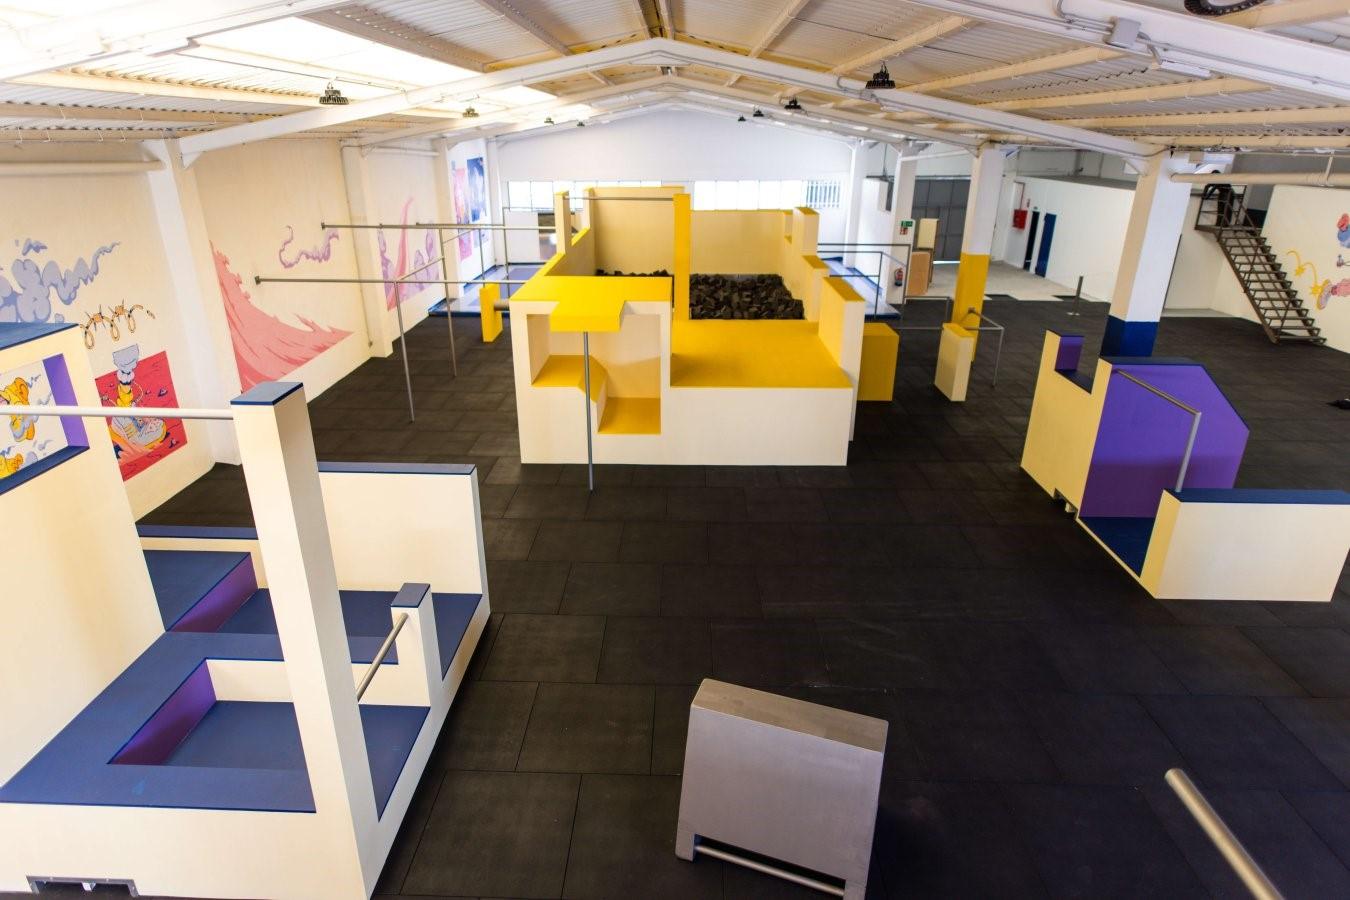 Abre en Madrid el primer gimnasio especializado en Parkour